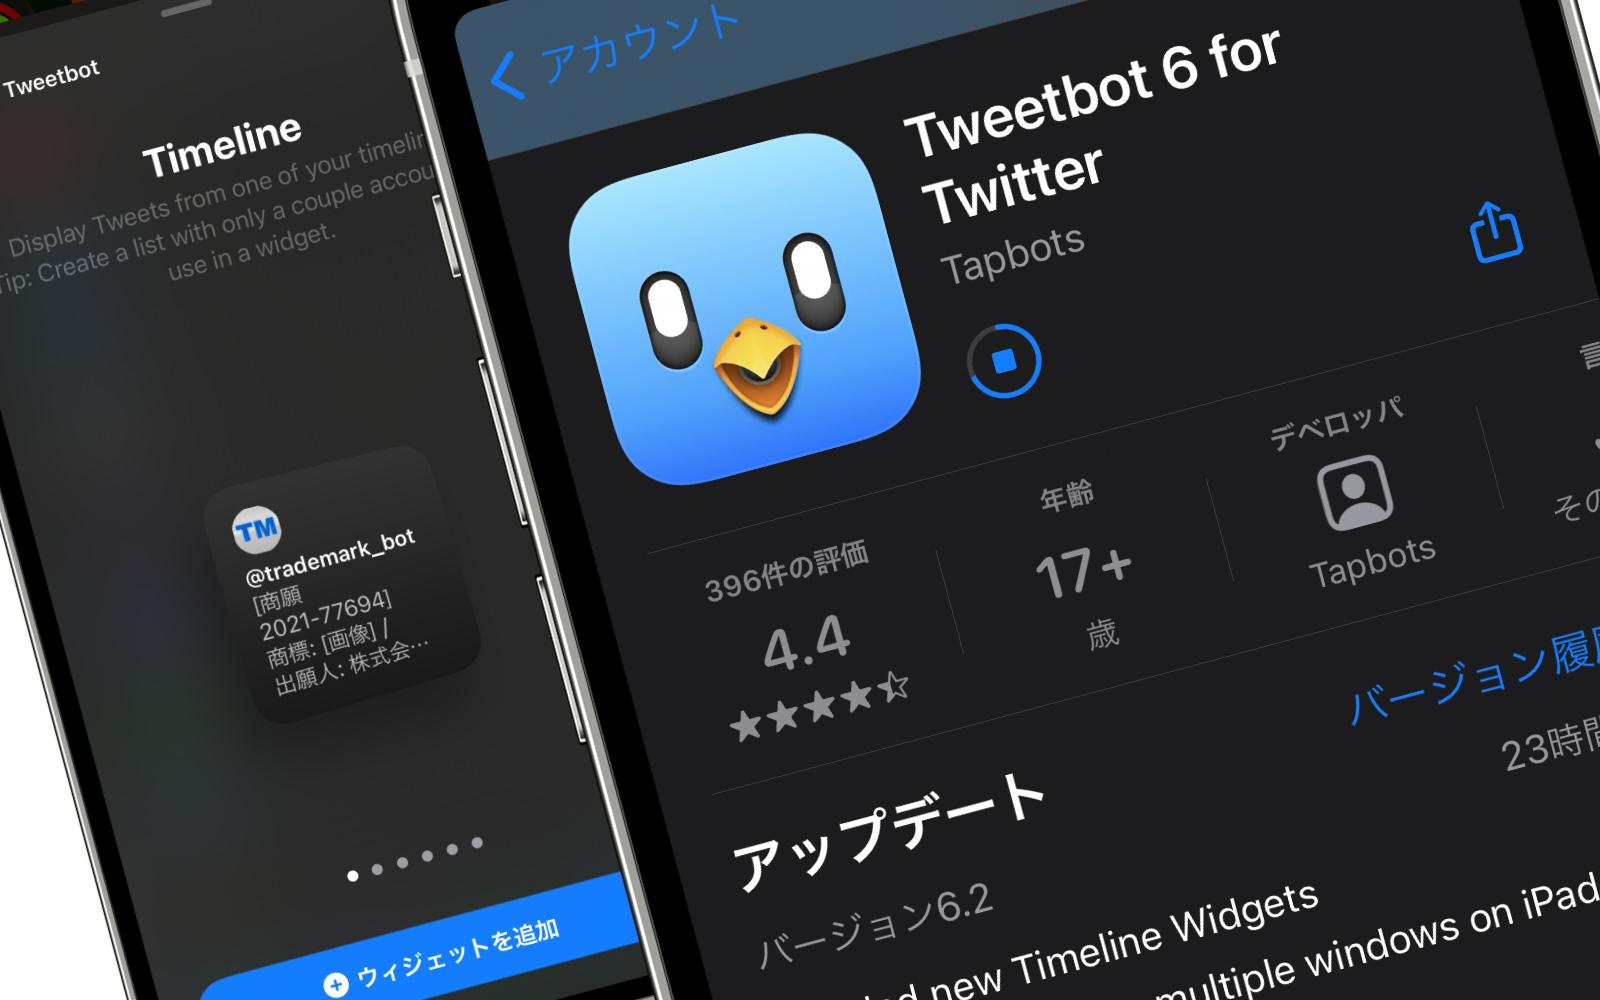 Tweetbot 6 update